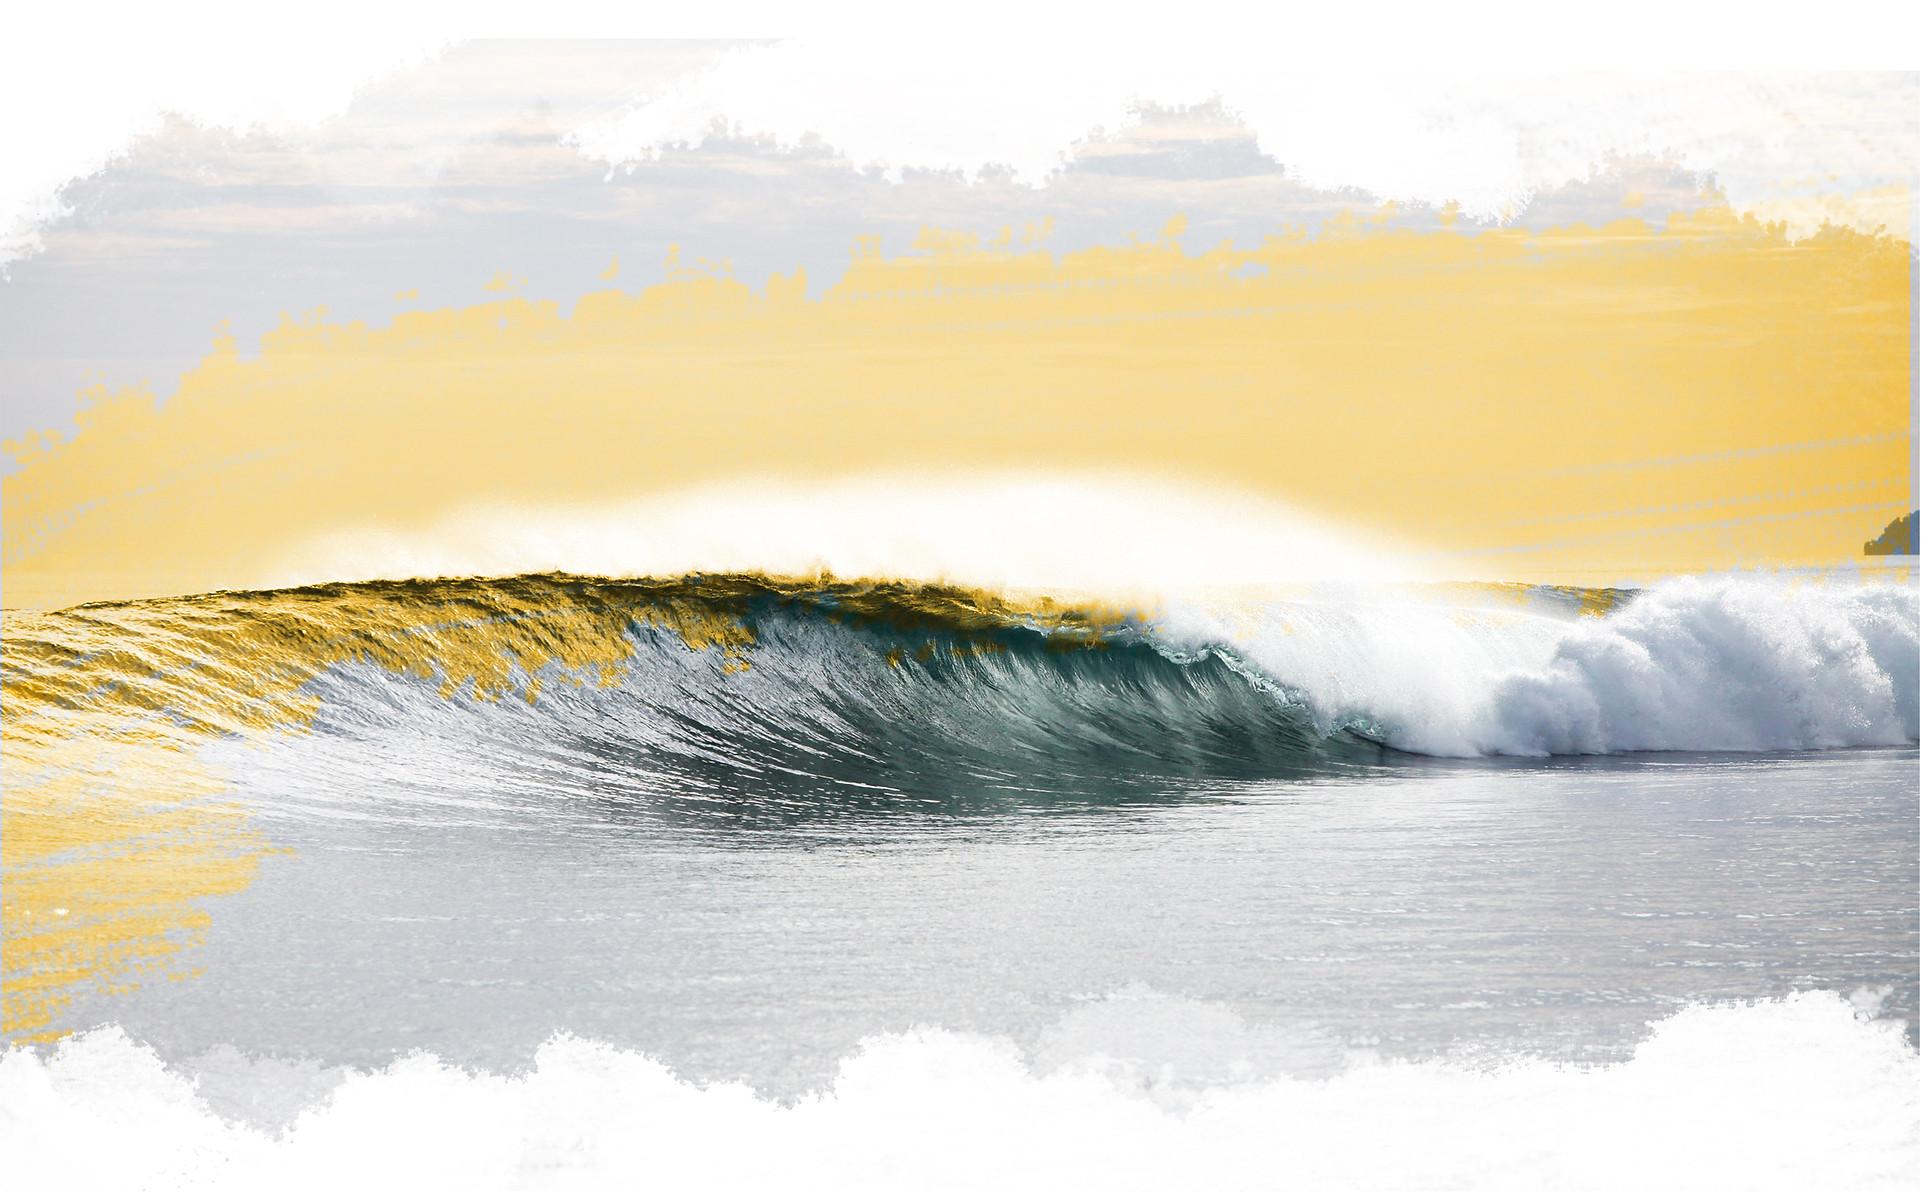 banyak_surfing_adventure_wave_w.jpg